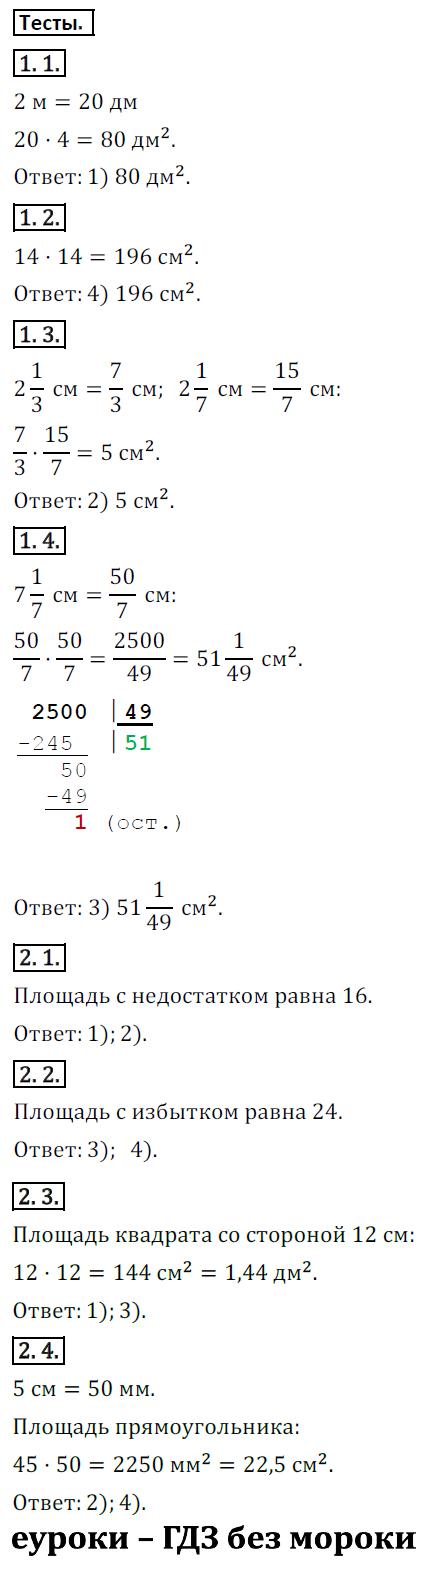 ГДЗ по математике 5 класс Козлов, Никитин Русское Слово ответы и решения онлайн Глава 12. Площадь, §2. Площадь прямоугольника и квадрата. Задание: Тесты